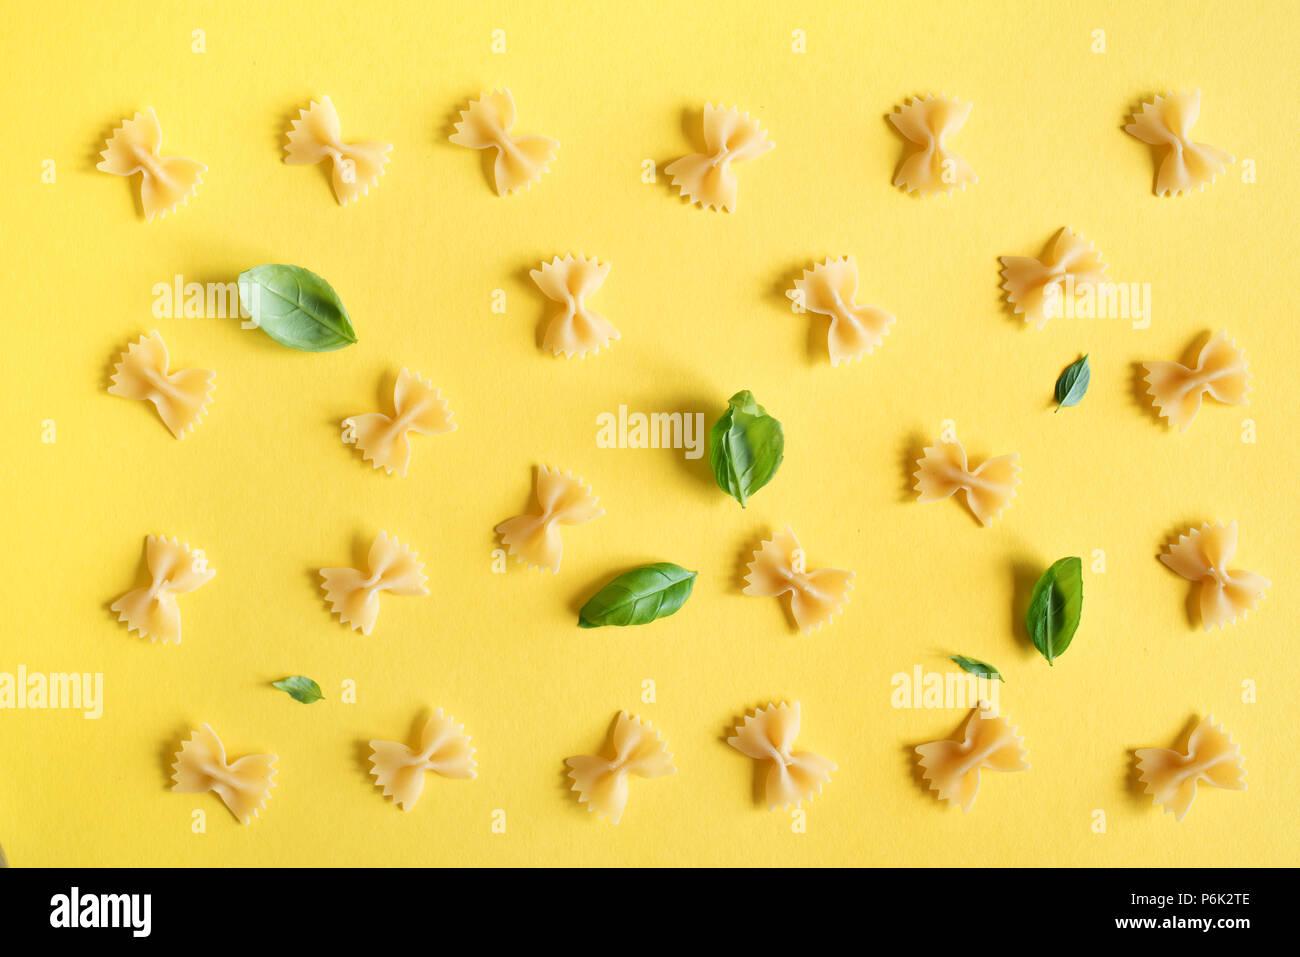 Farfalle di pasta su sfondo giallo, vista dall'alto, piatto laici. Pattern non cotti farfalle di pasta con foglie di basilico. Foto Stock